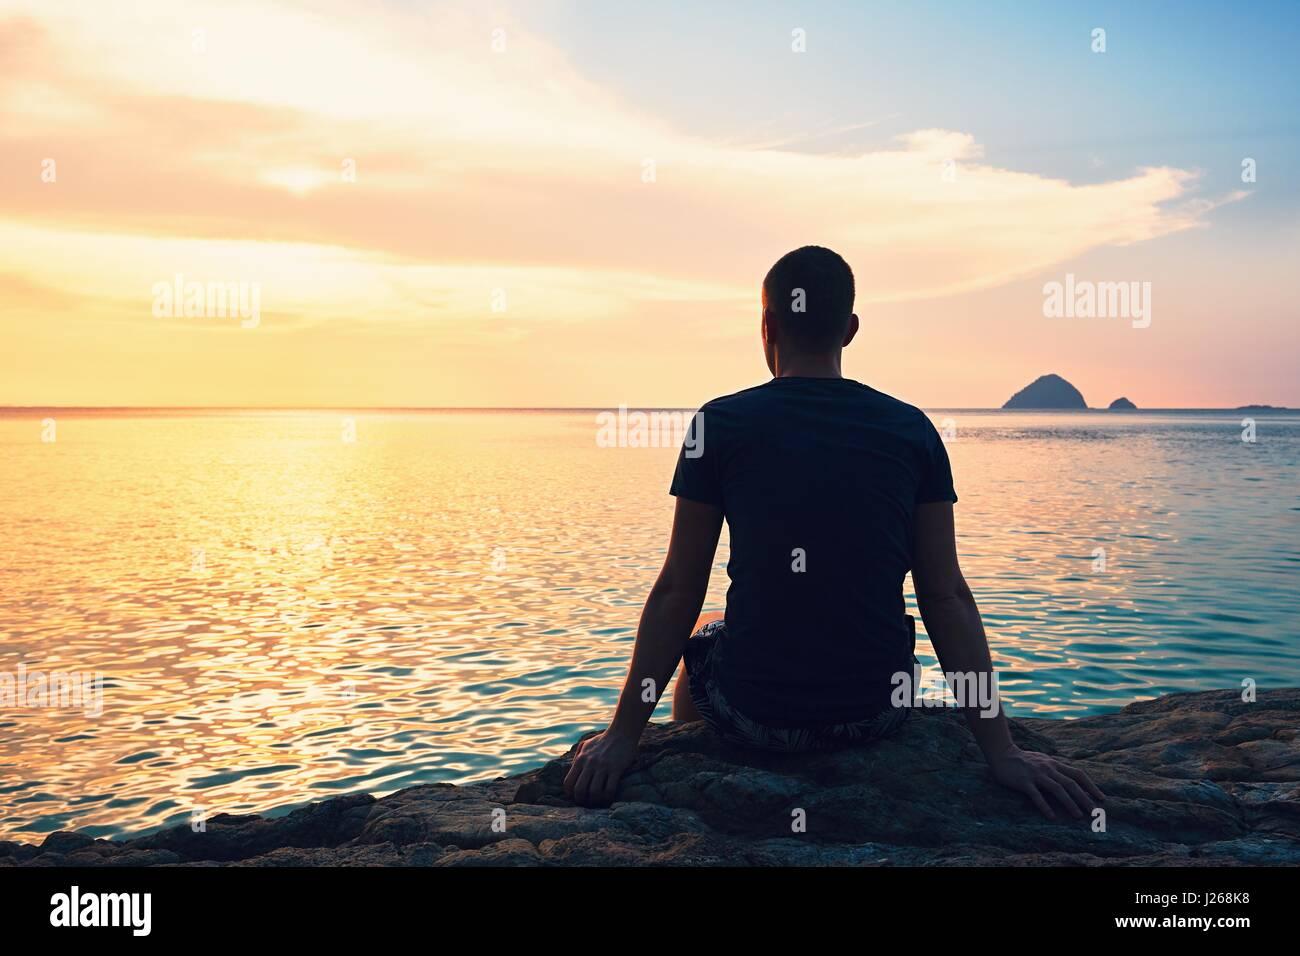 La contemplation au magnifique coucher du soleil. Silhouette de la jeune homme sur la plage. Photo Stock